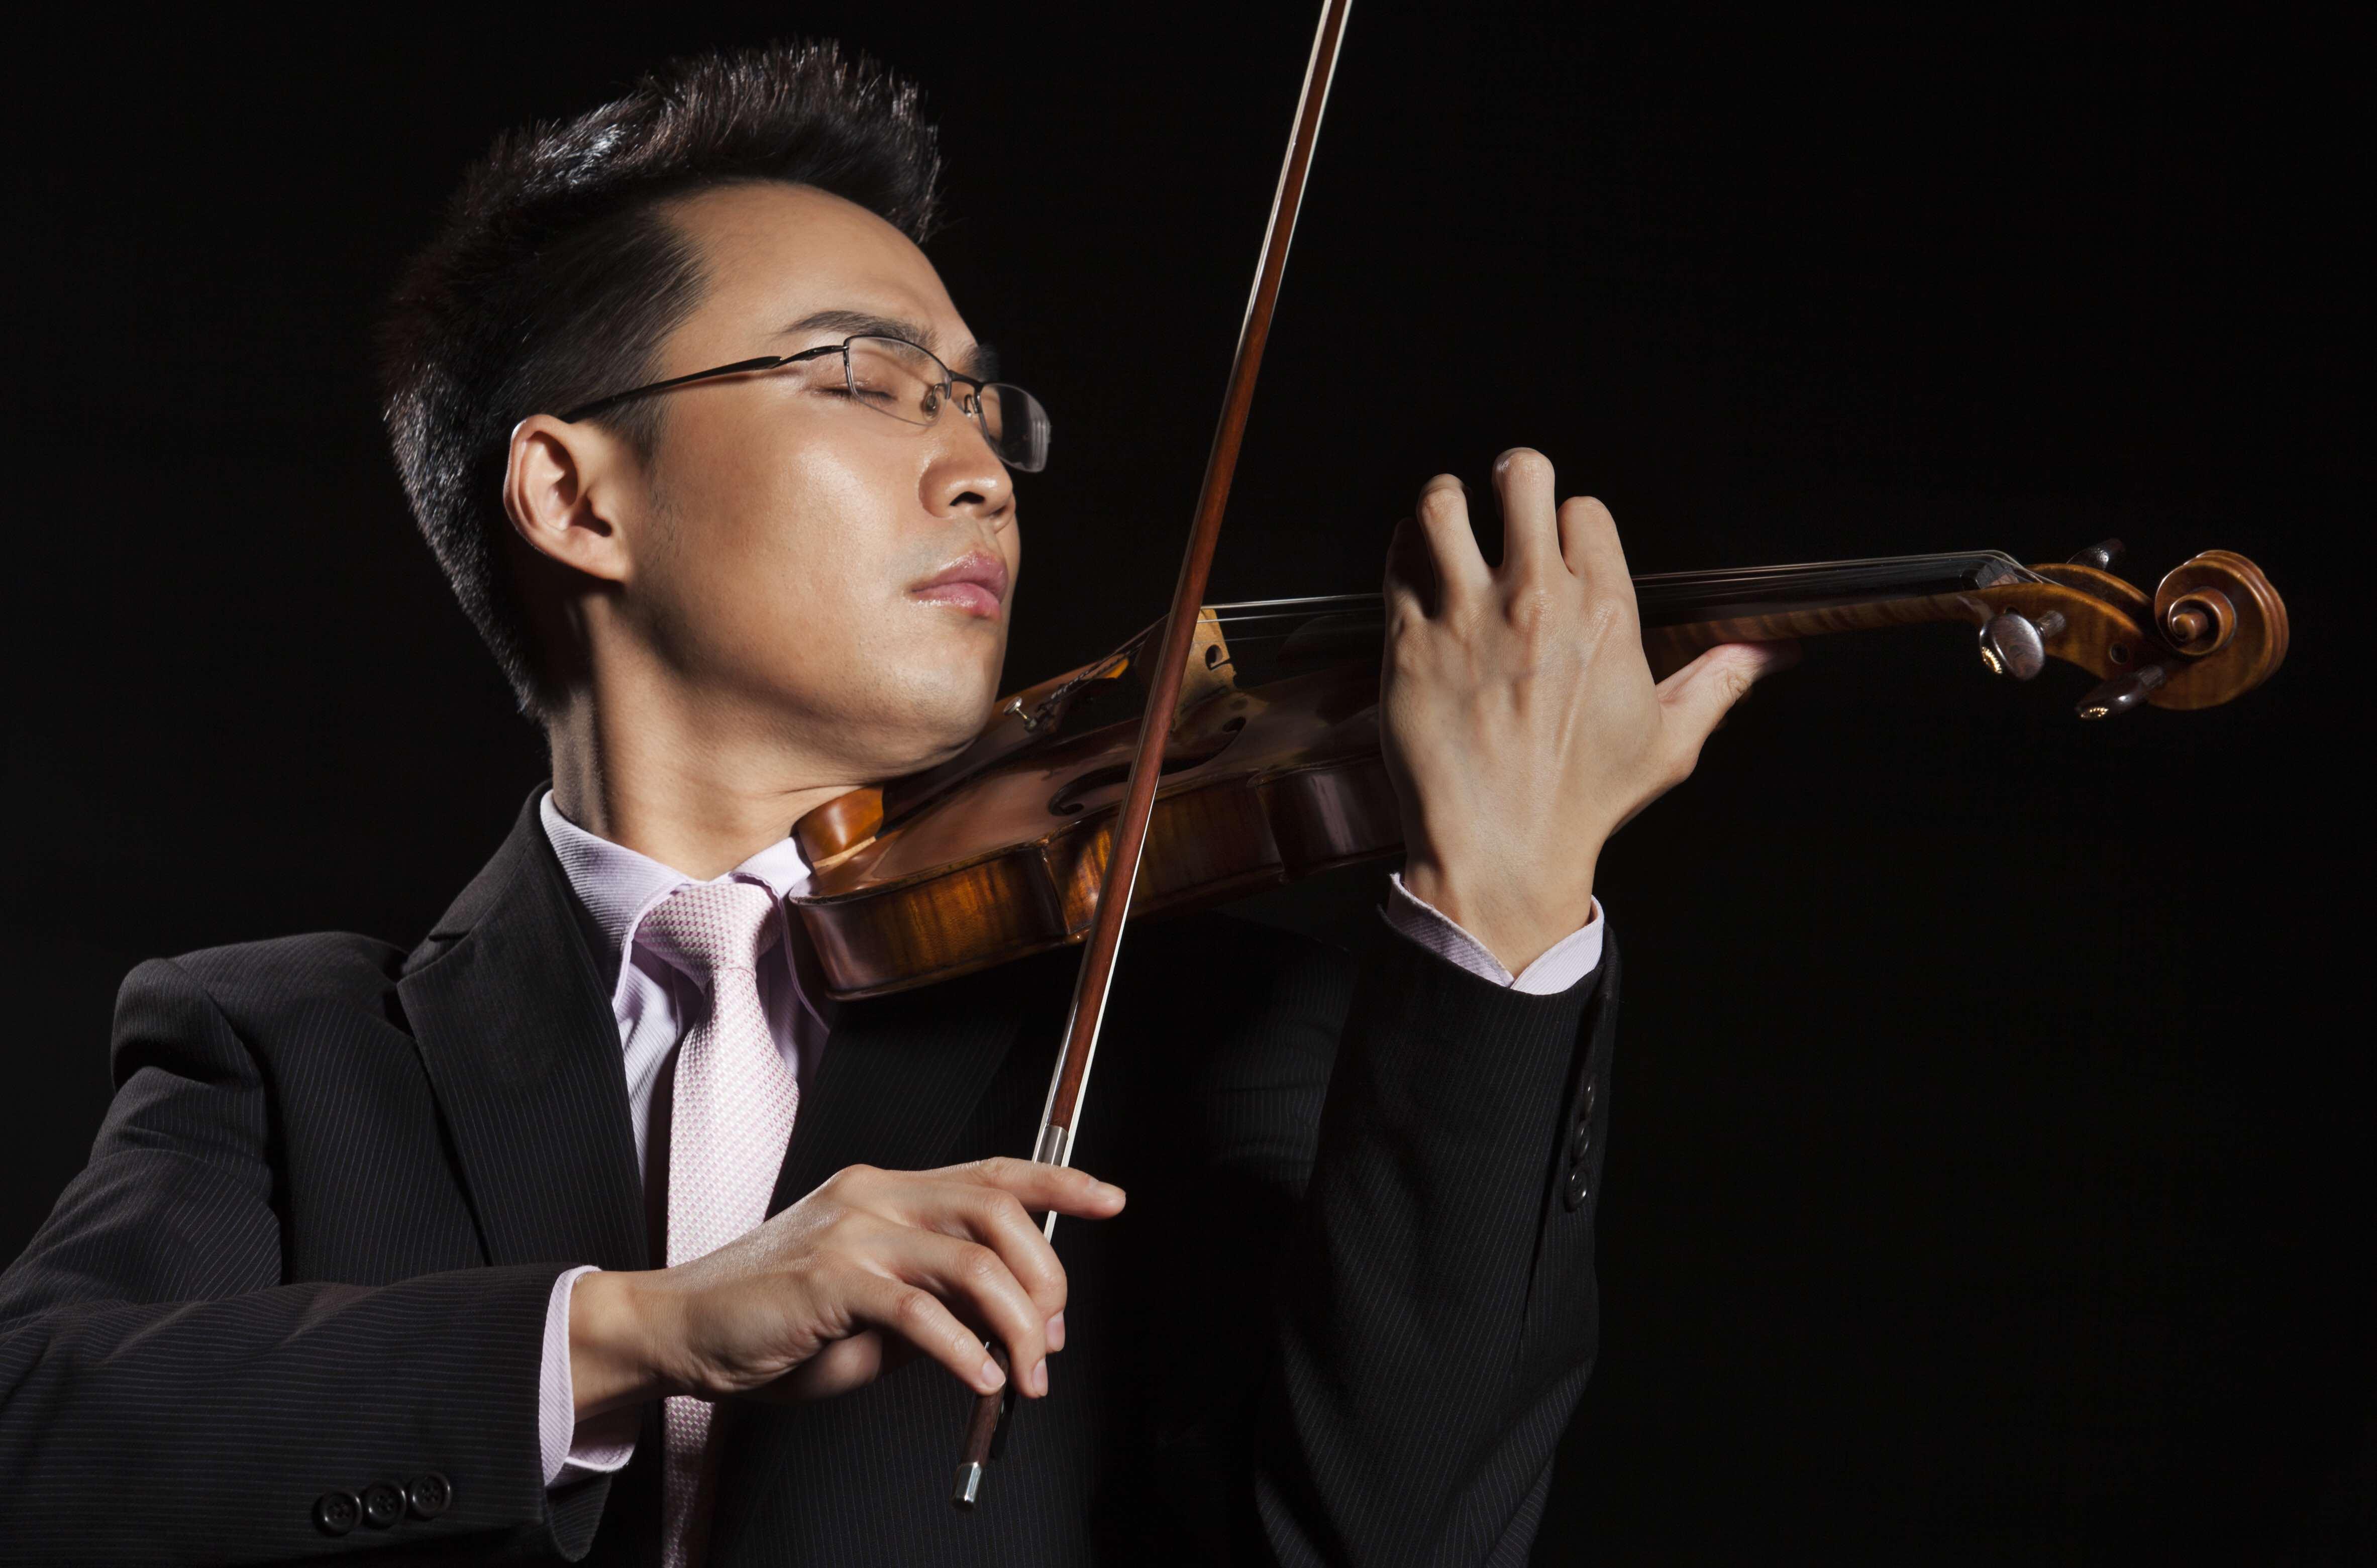 青年小提琴家高参